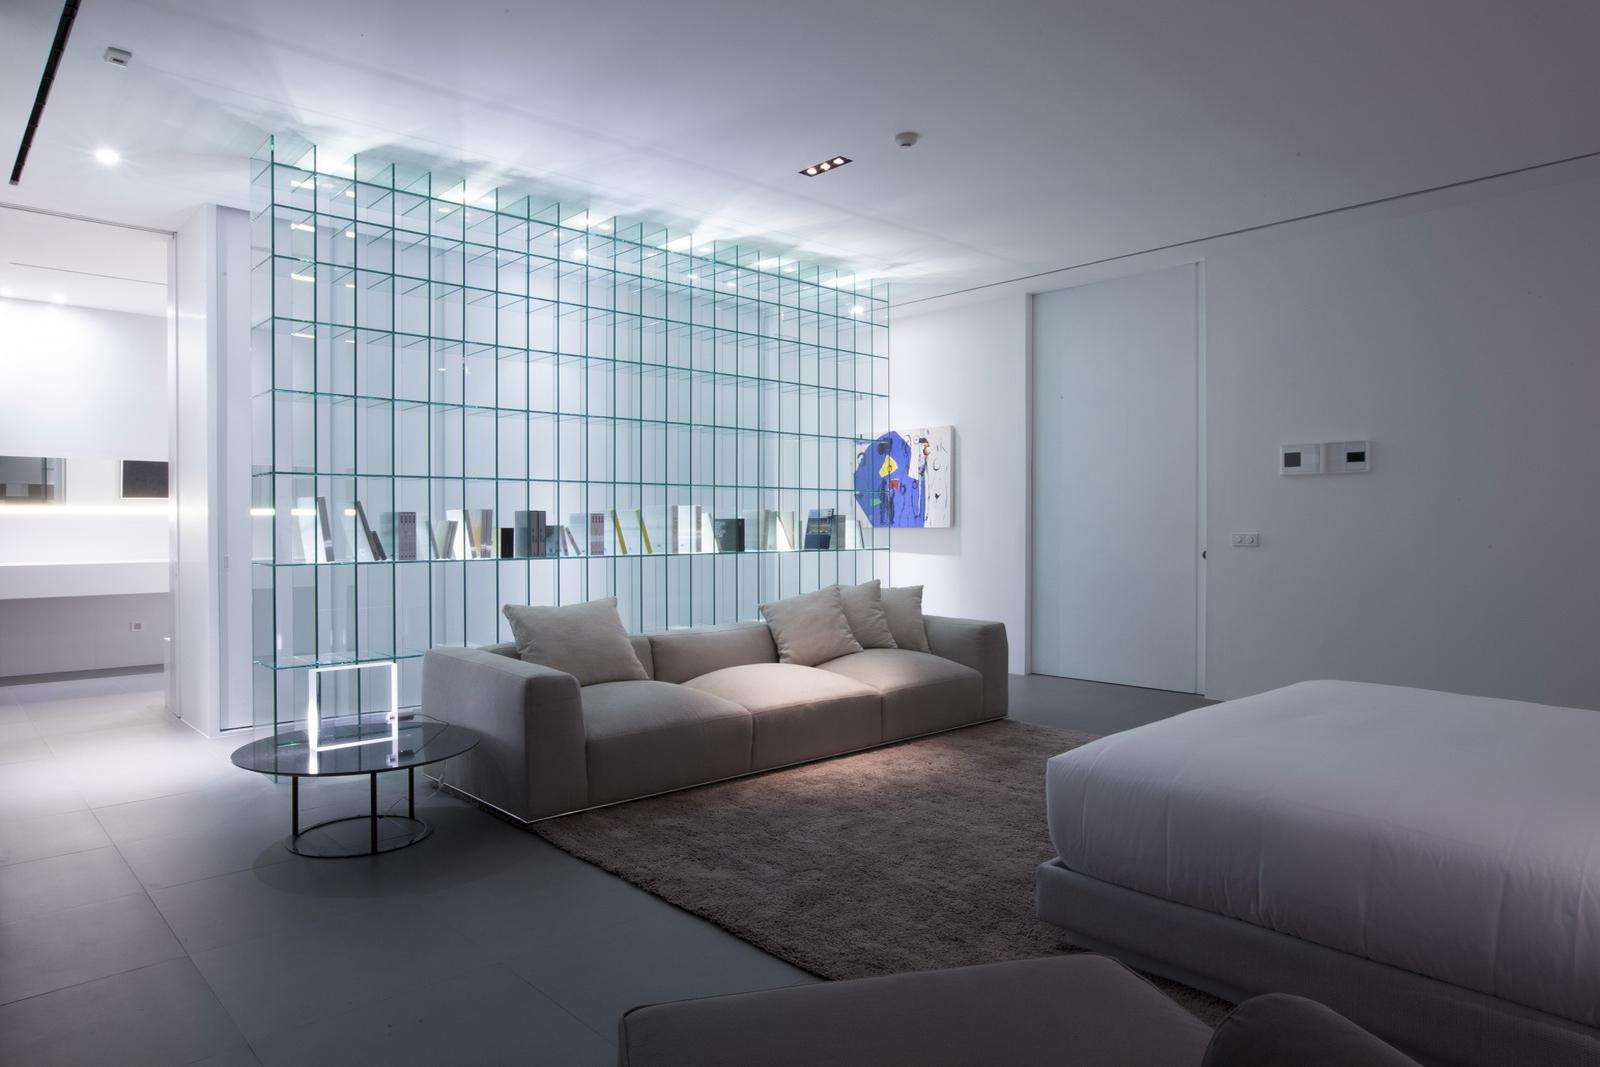 Glass shelving interior design ideas - Interior glass wall designs for houses ...